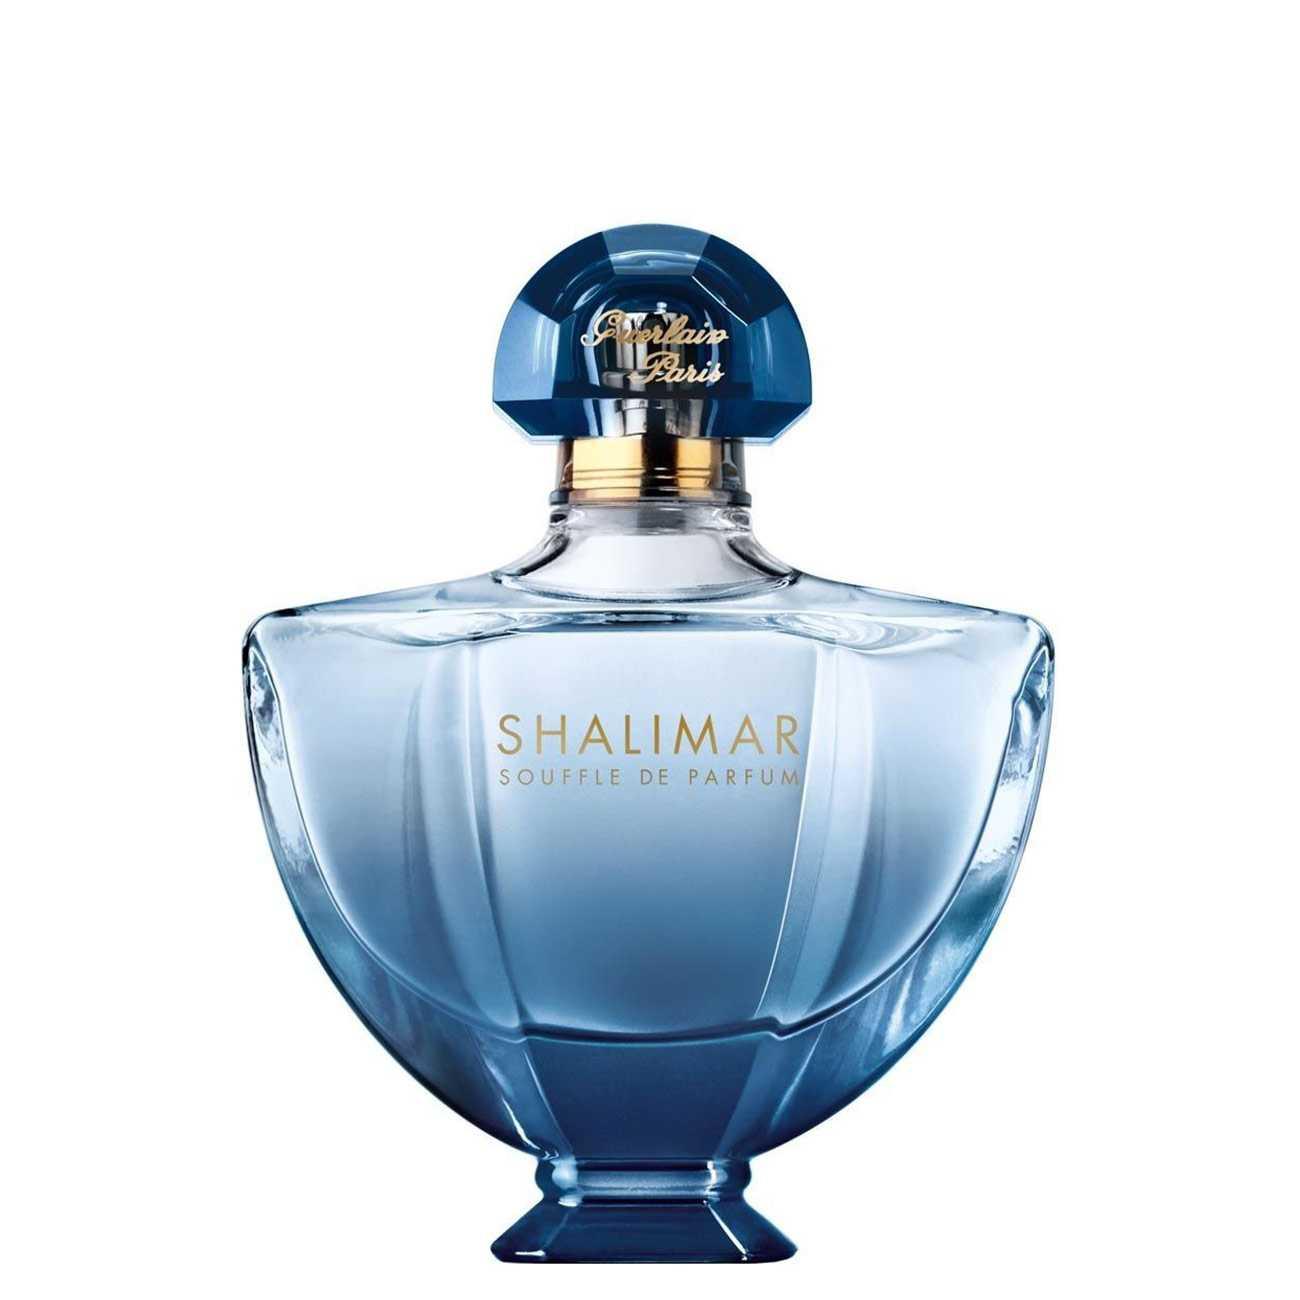 Shalimar Souffle De Parfum 90 Ml 90ml